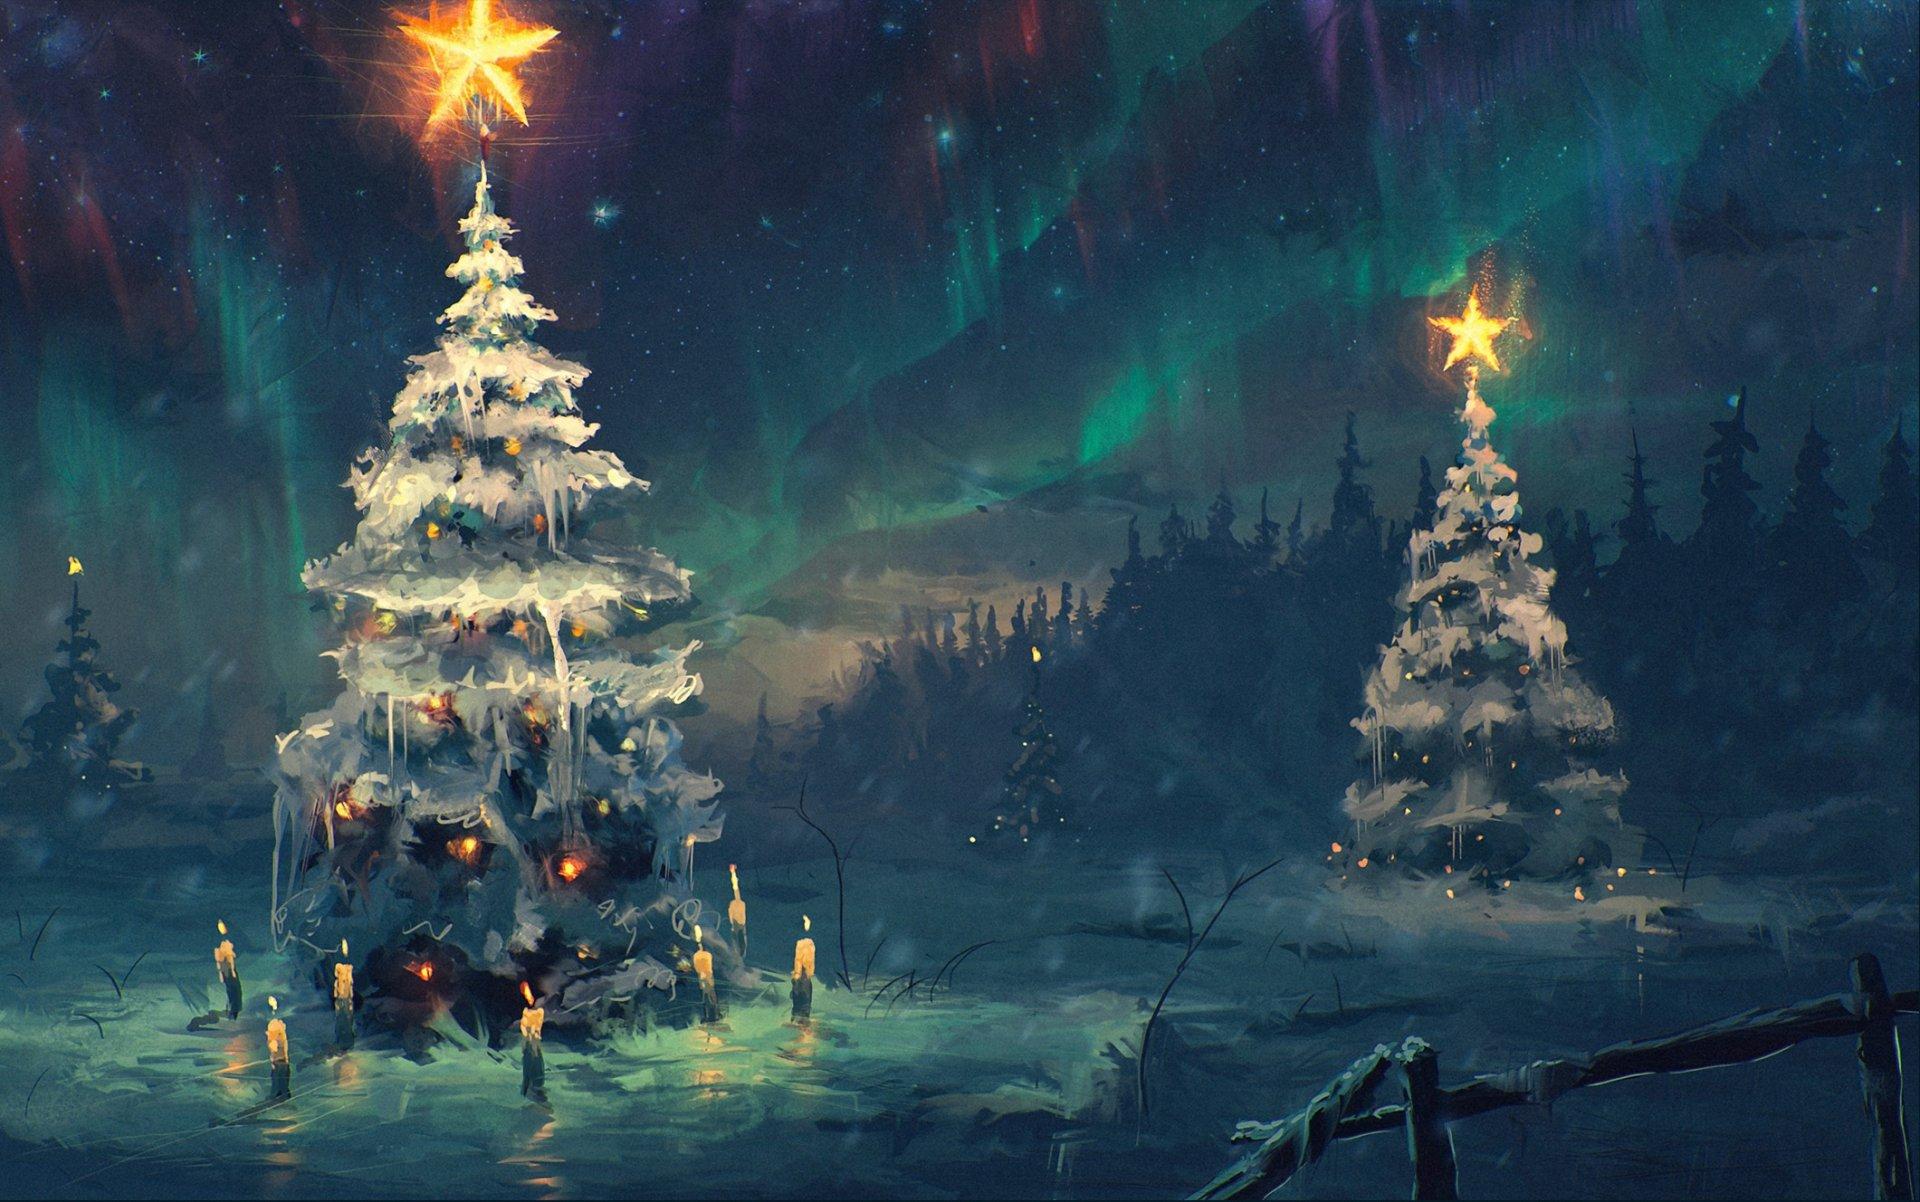 Сказки со звёздами на новый год 2017